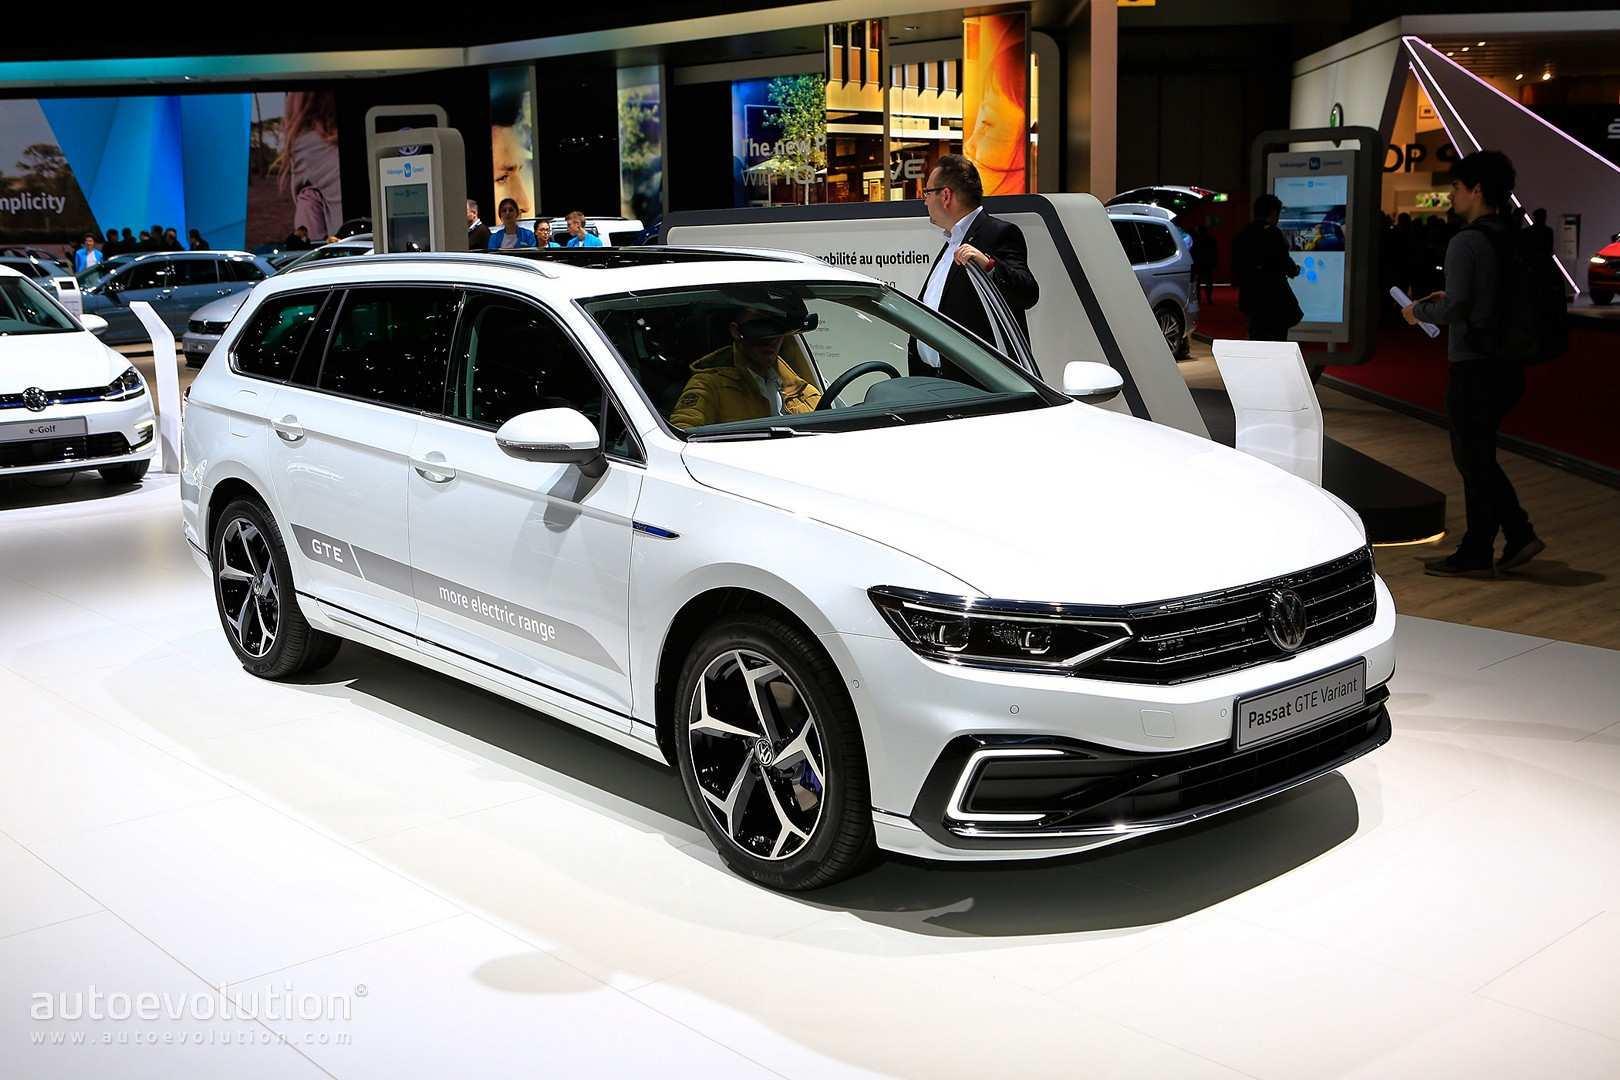 35 Concept of Volkswagen Passat Alltrack 2020 Pictures by Volkswagen Passat Alltrack 2020